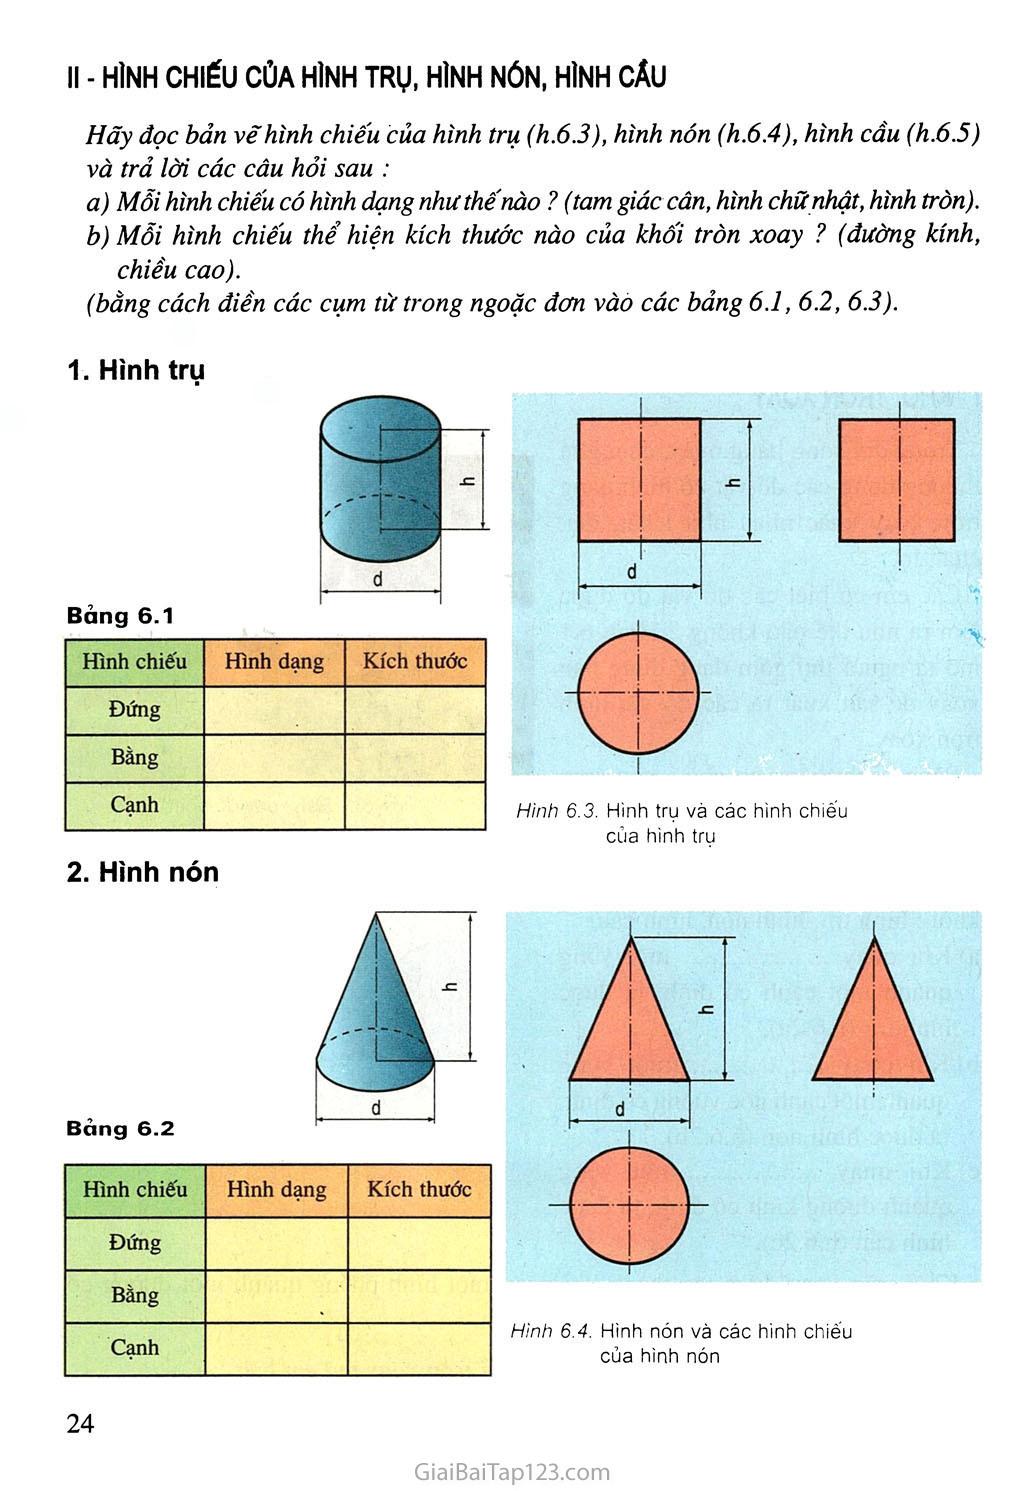 Bài 6. Bản vẽ các khối tròn xoay trang 2